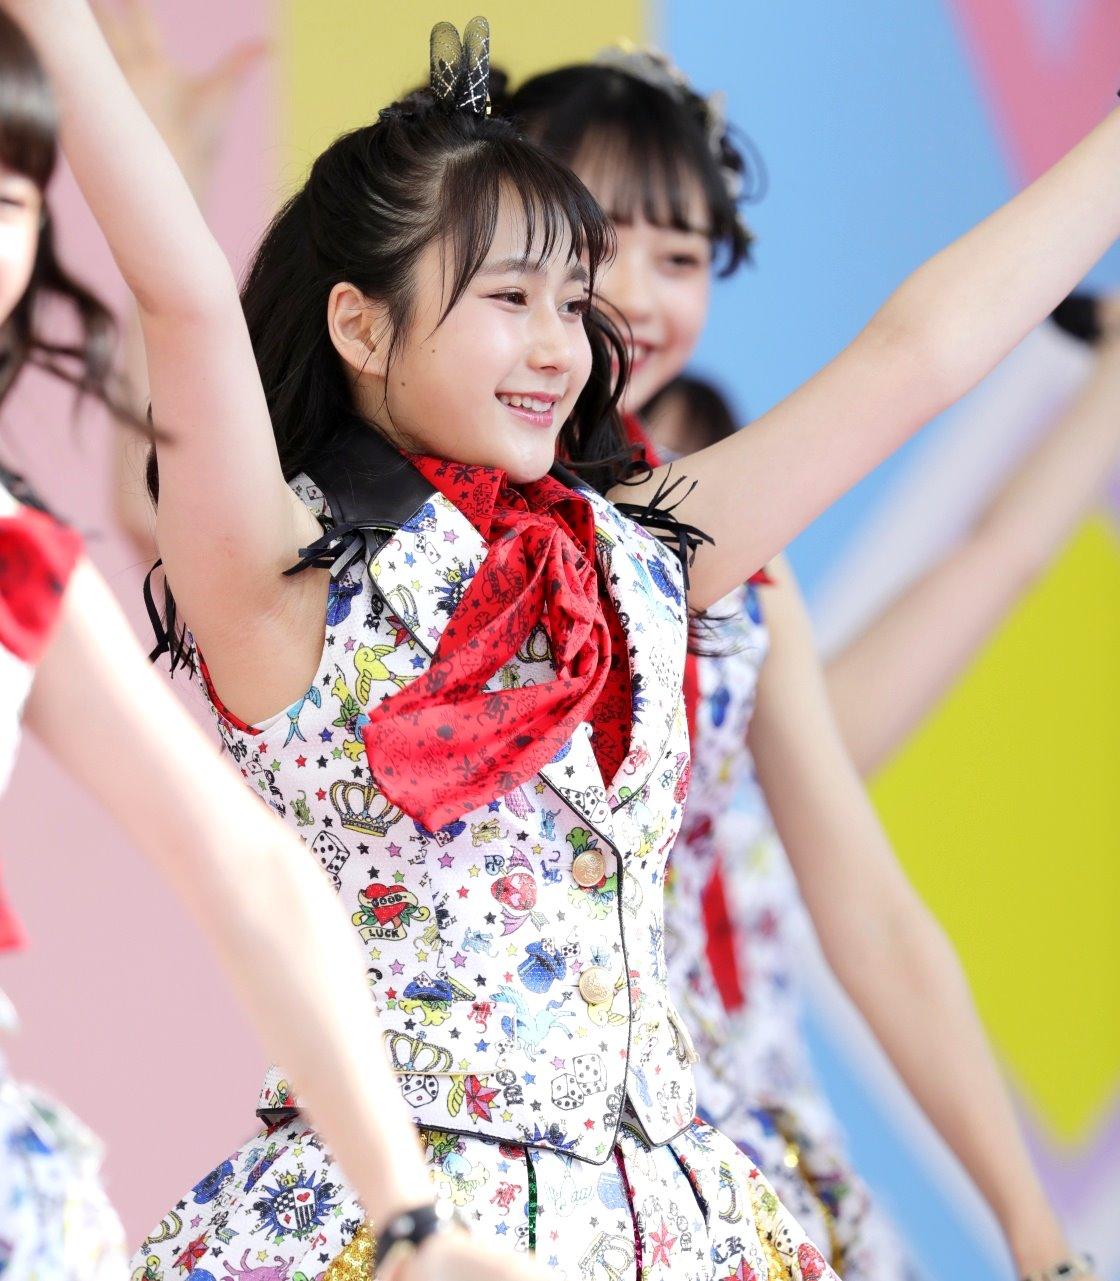 AKB48フレッシュ選抜メンバーの腋見せライブ (1)